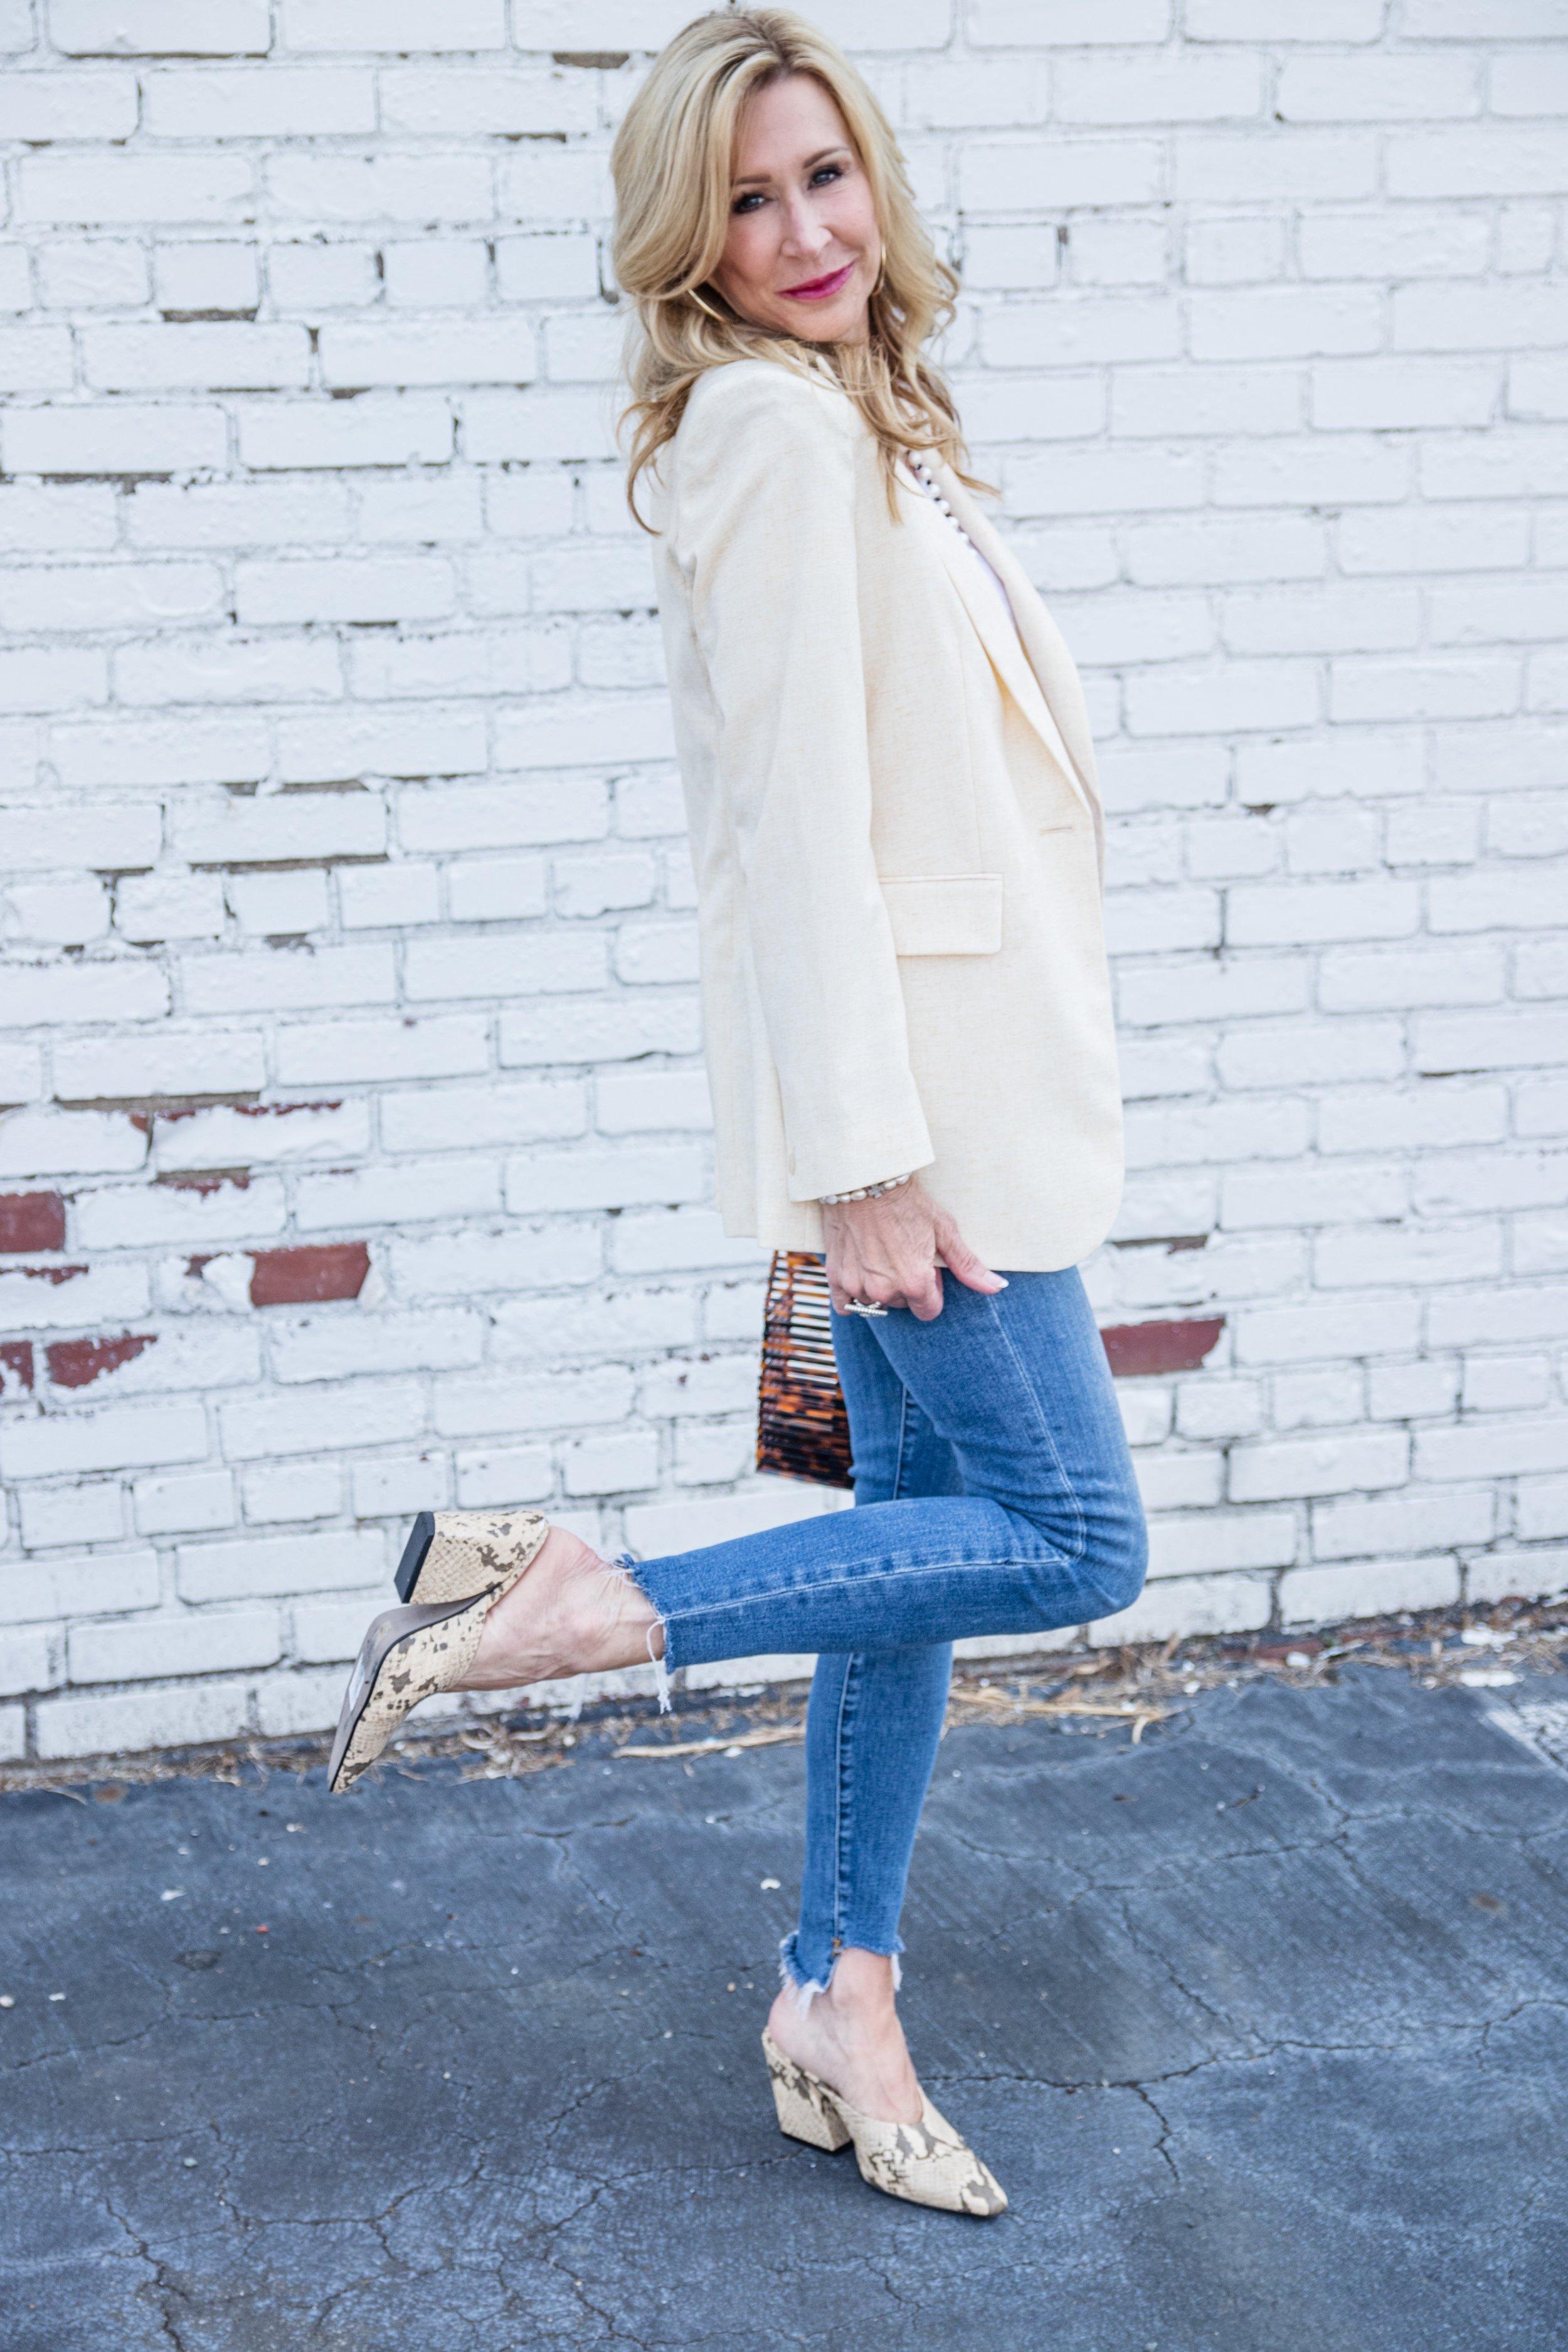 Casual Spring Outfit - Mango blazer, Frame Denim jeans, Zara shoes